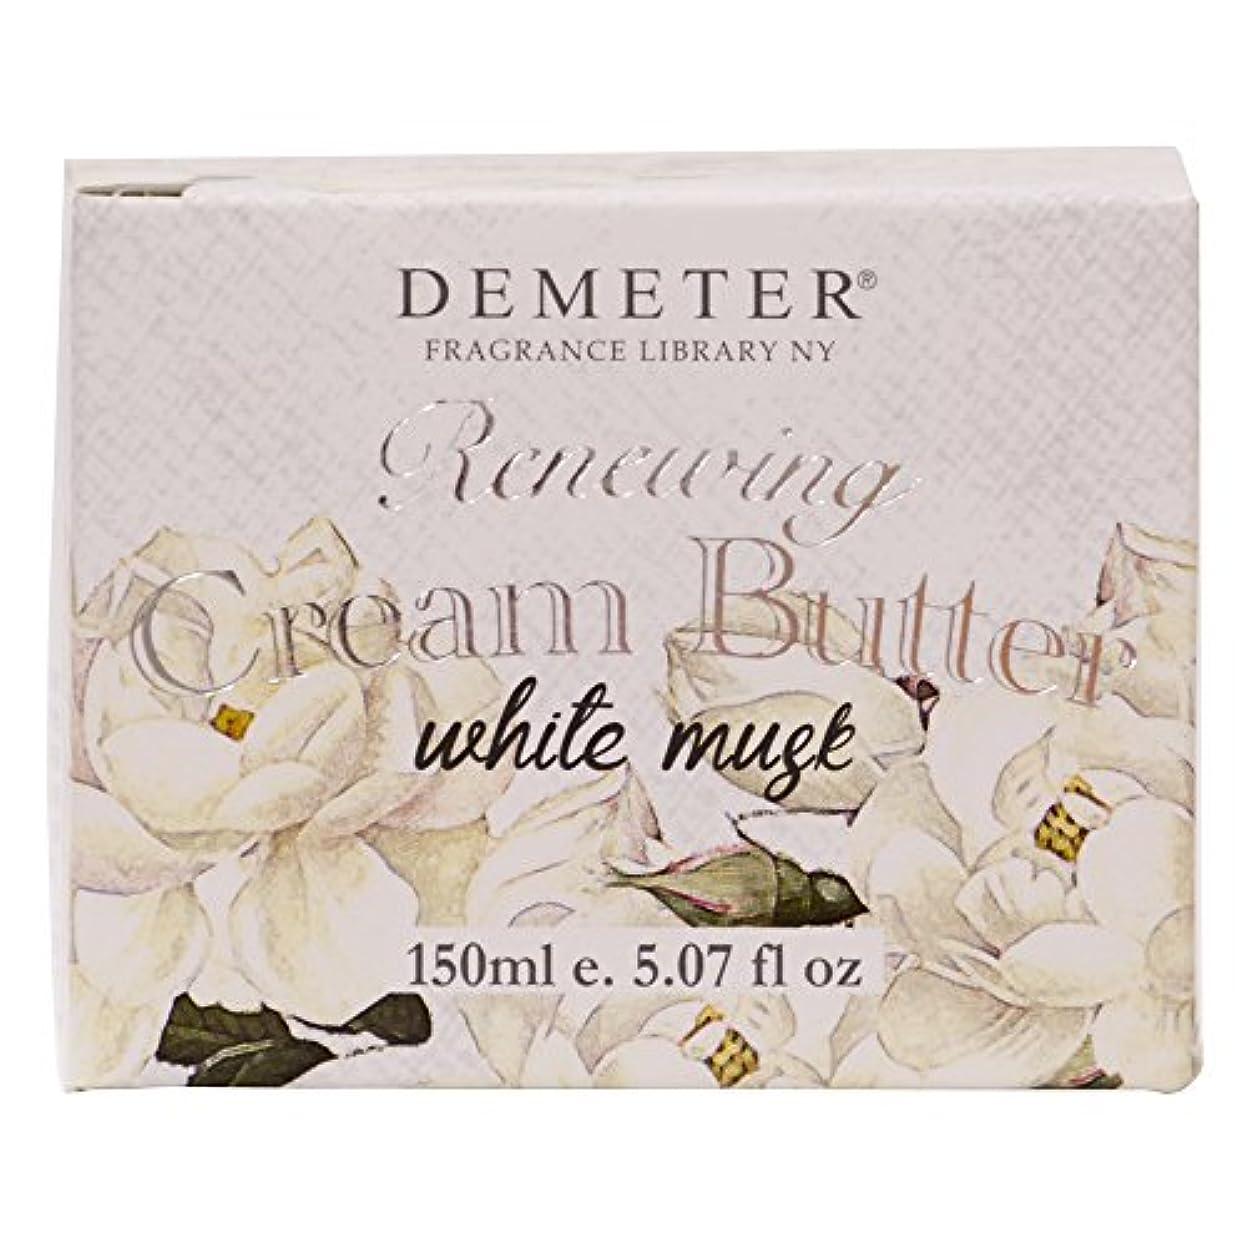 すばらしいです薬を飲む封筒DEMETER ボディクリームバターホワイトムスク 150ml